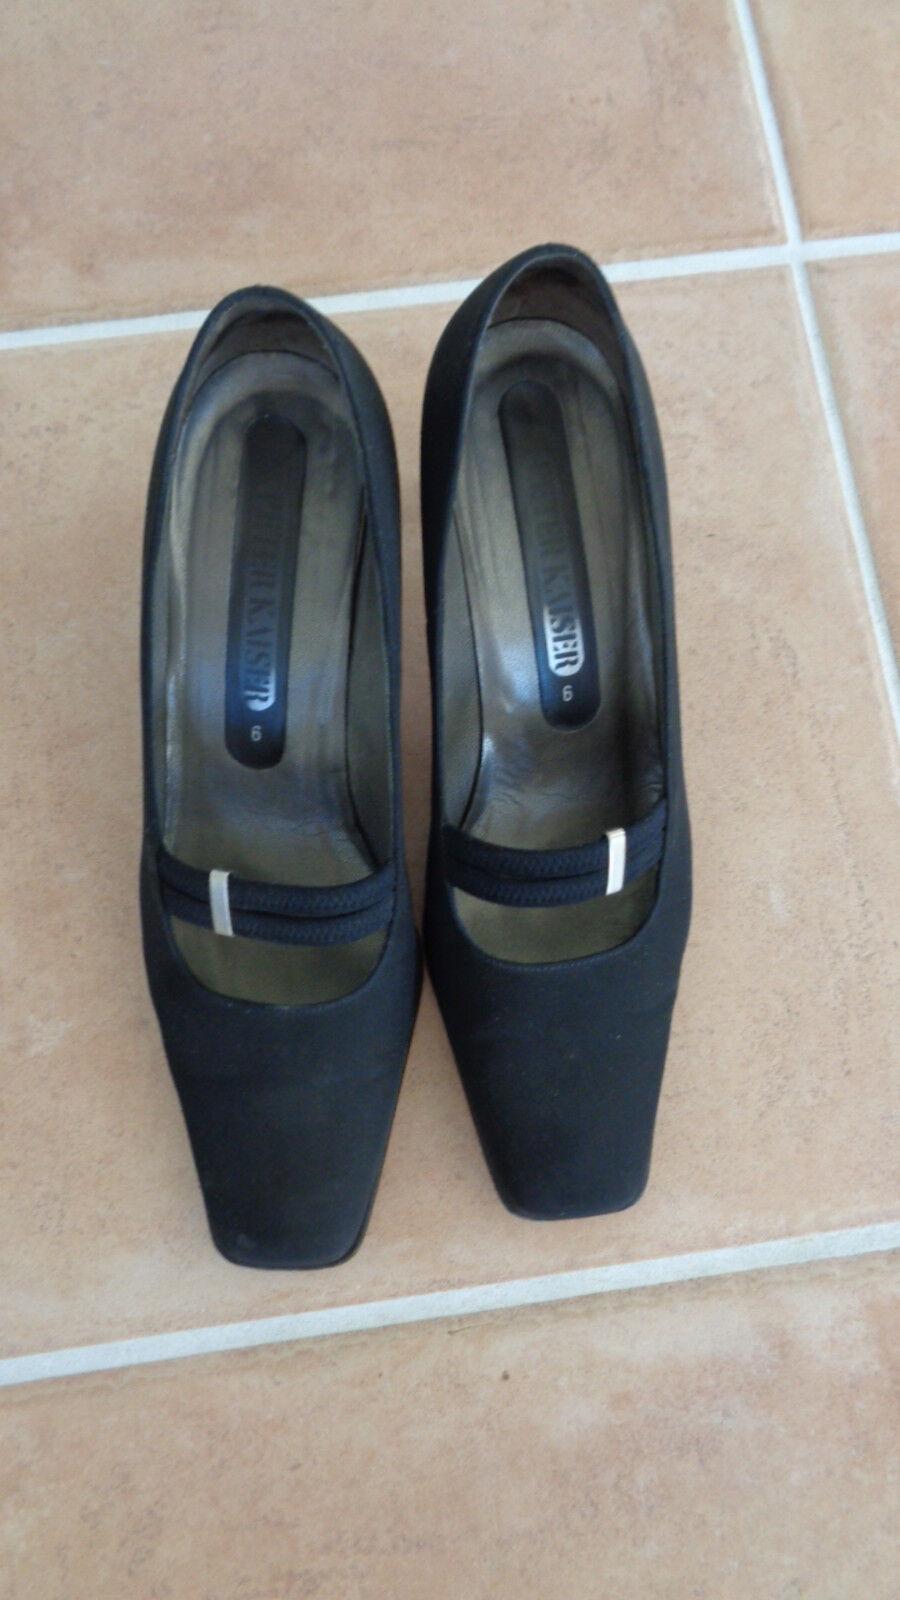 Peter Kaiser, Leder Pumps, schwarz, Gr. 6, 39,5 mit 7 cm Absatz, schwarze Schuhe